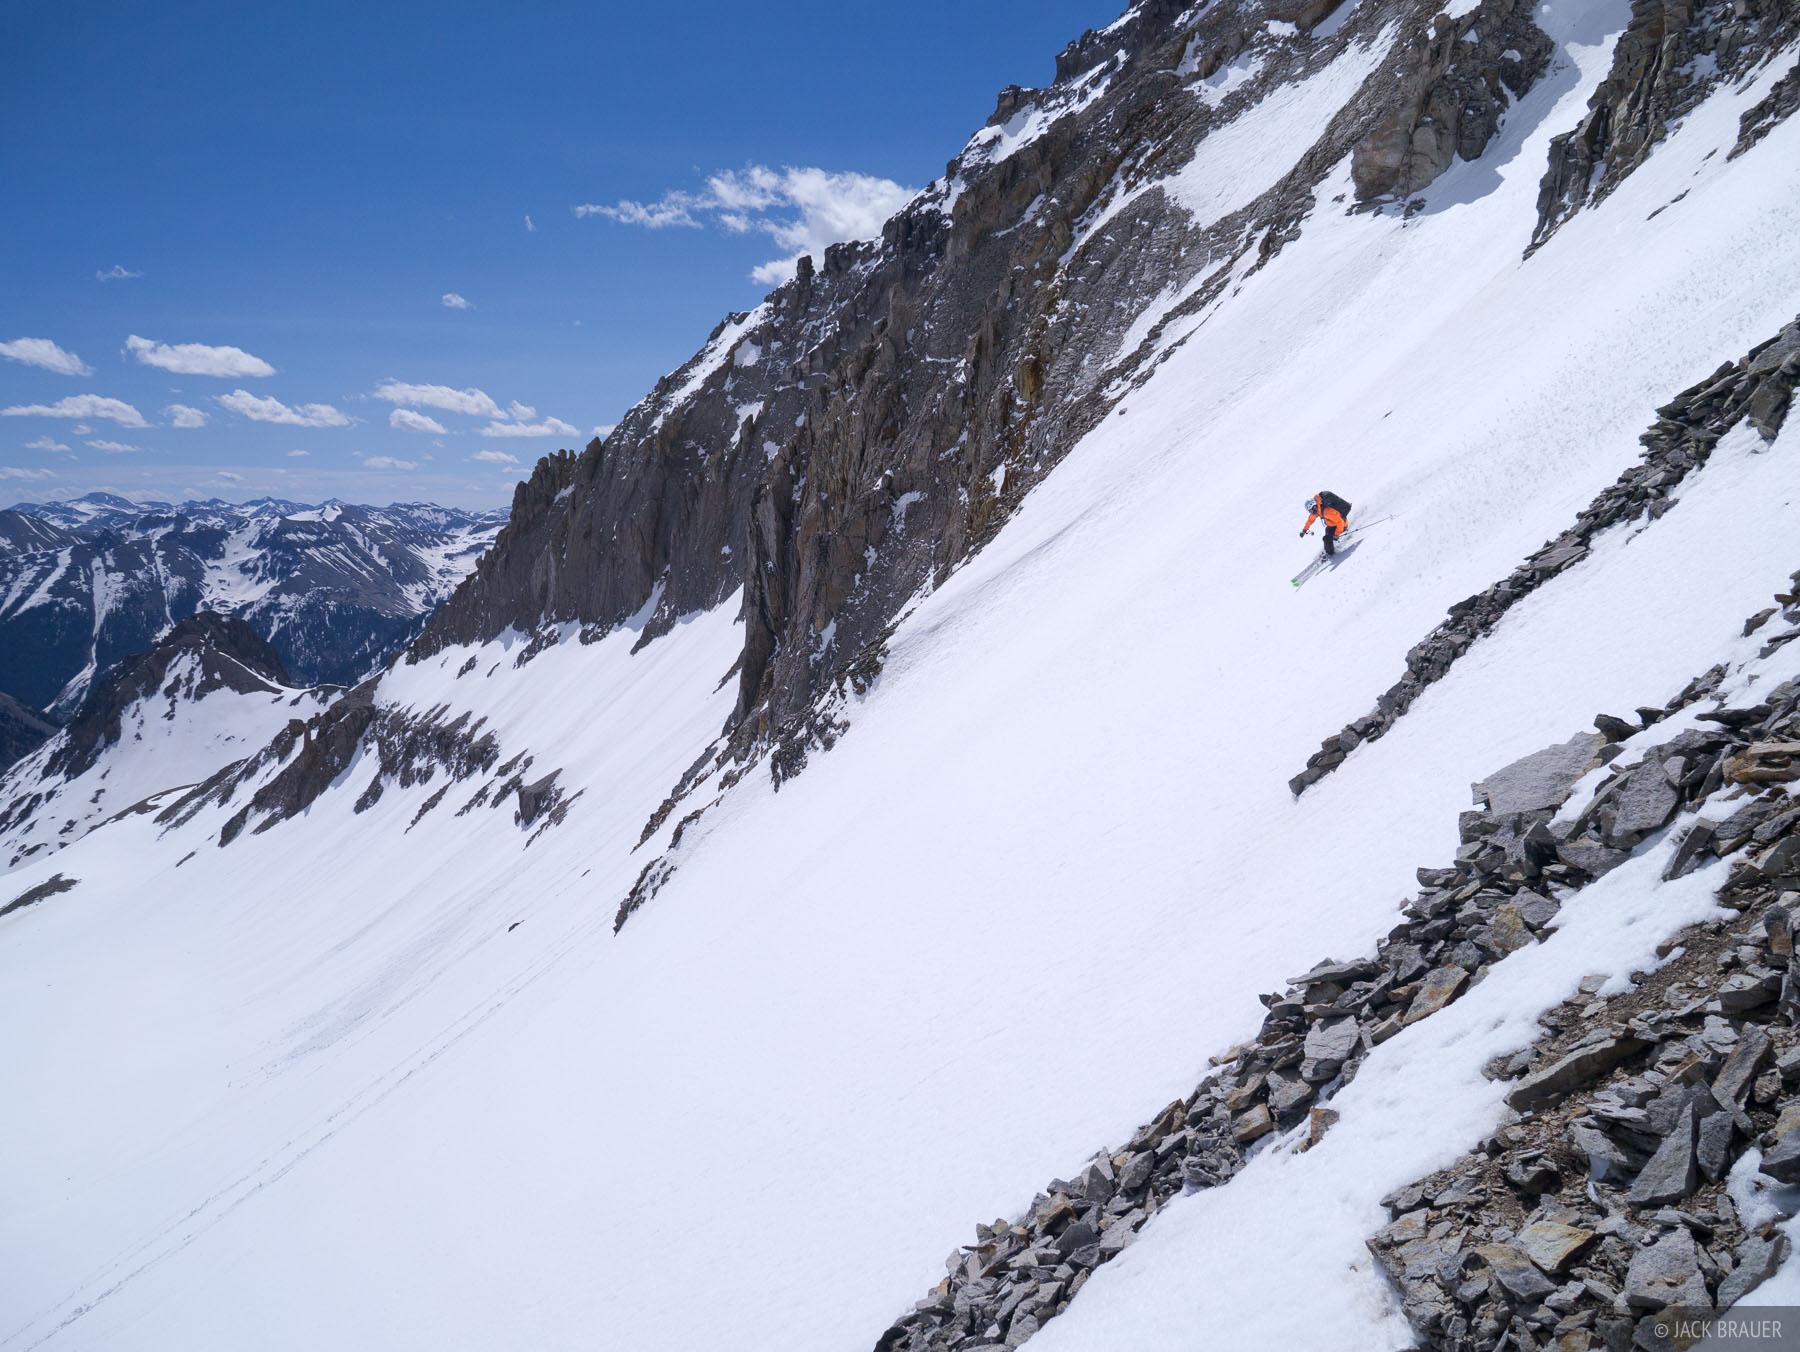 Colorado,Gilpin Peak,San Juan Mountains,Sneffels Range, skiing, Jake Evans, May, photo